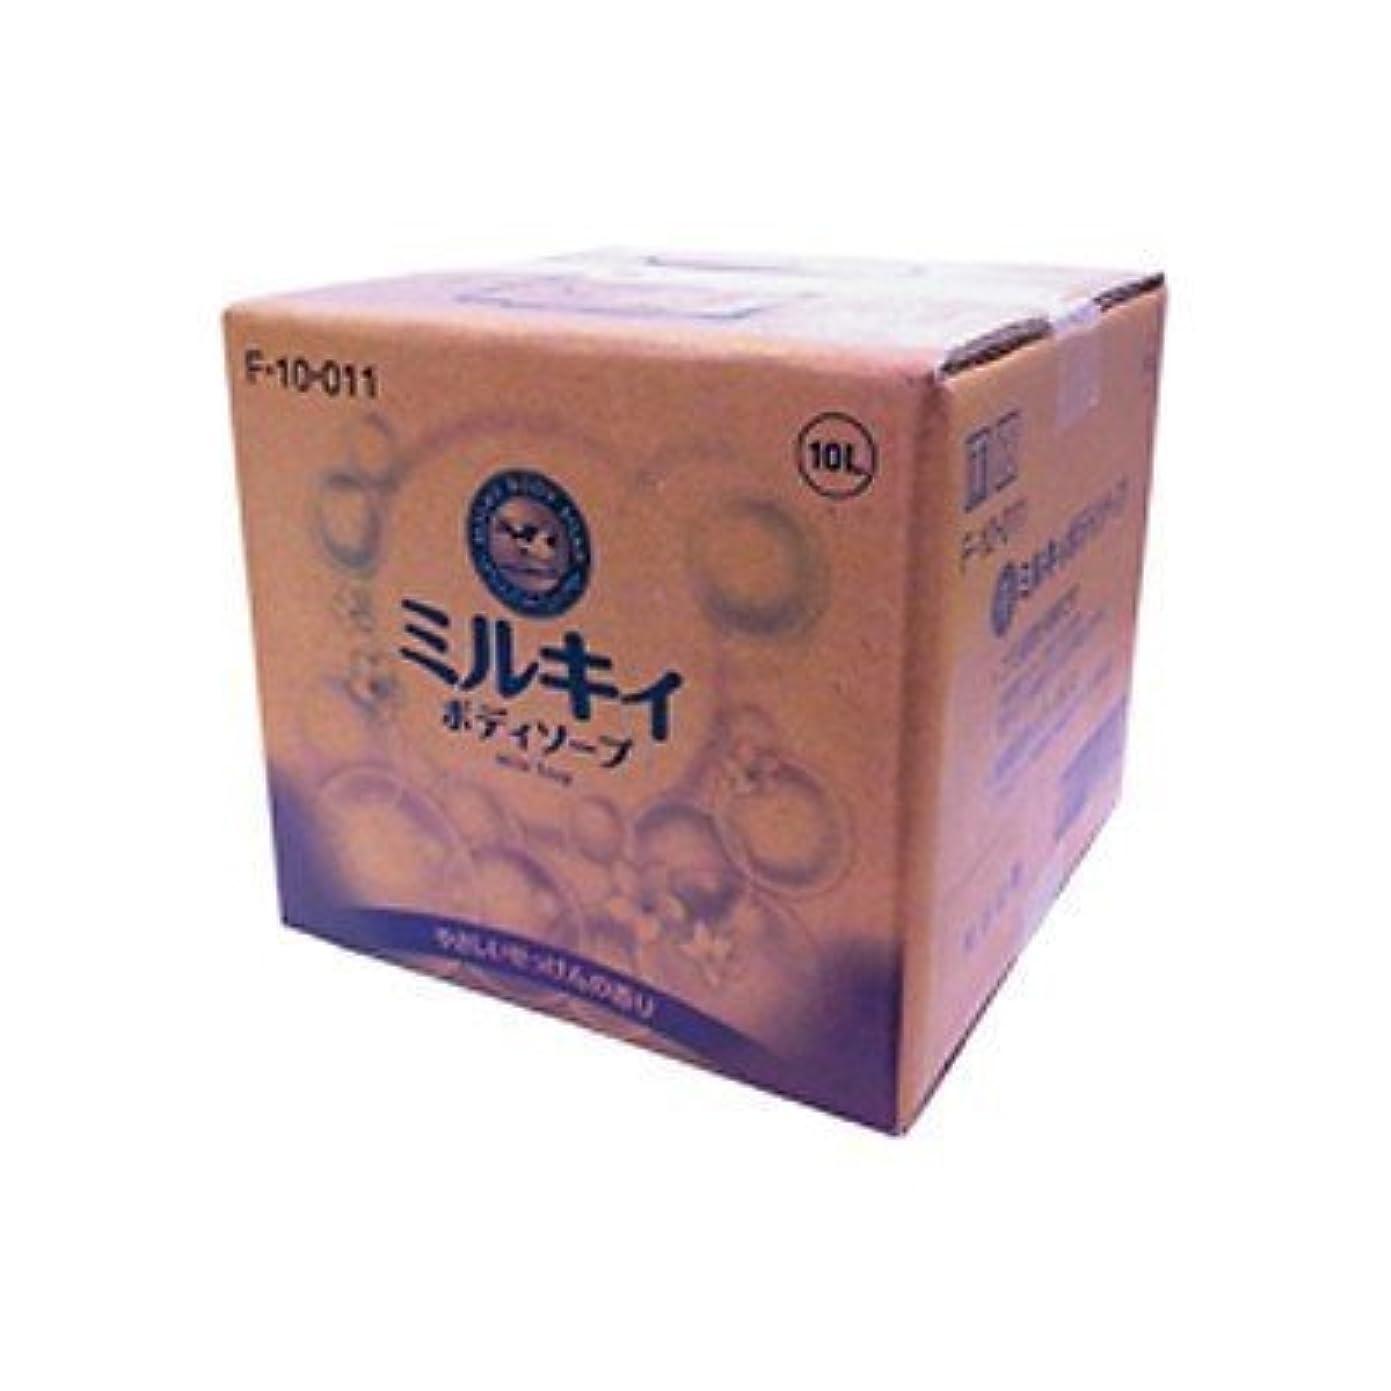 群集孤独なレタッチ牛乳石鹸 ミルキィボディソープ 業務用 279605 00022378 【まとめ買い3個セット】